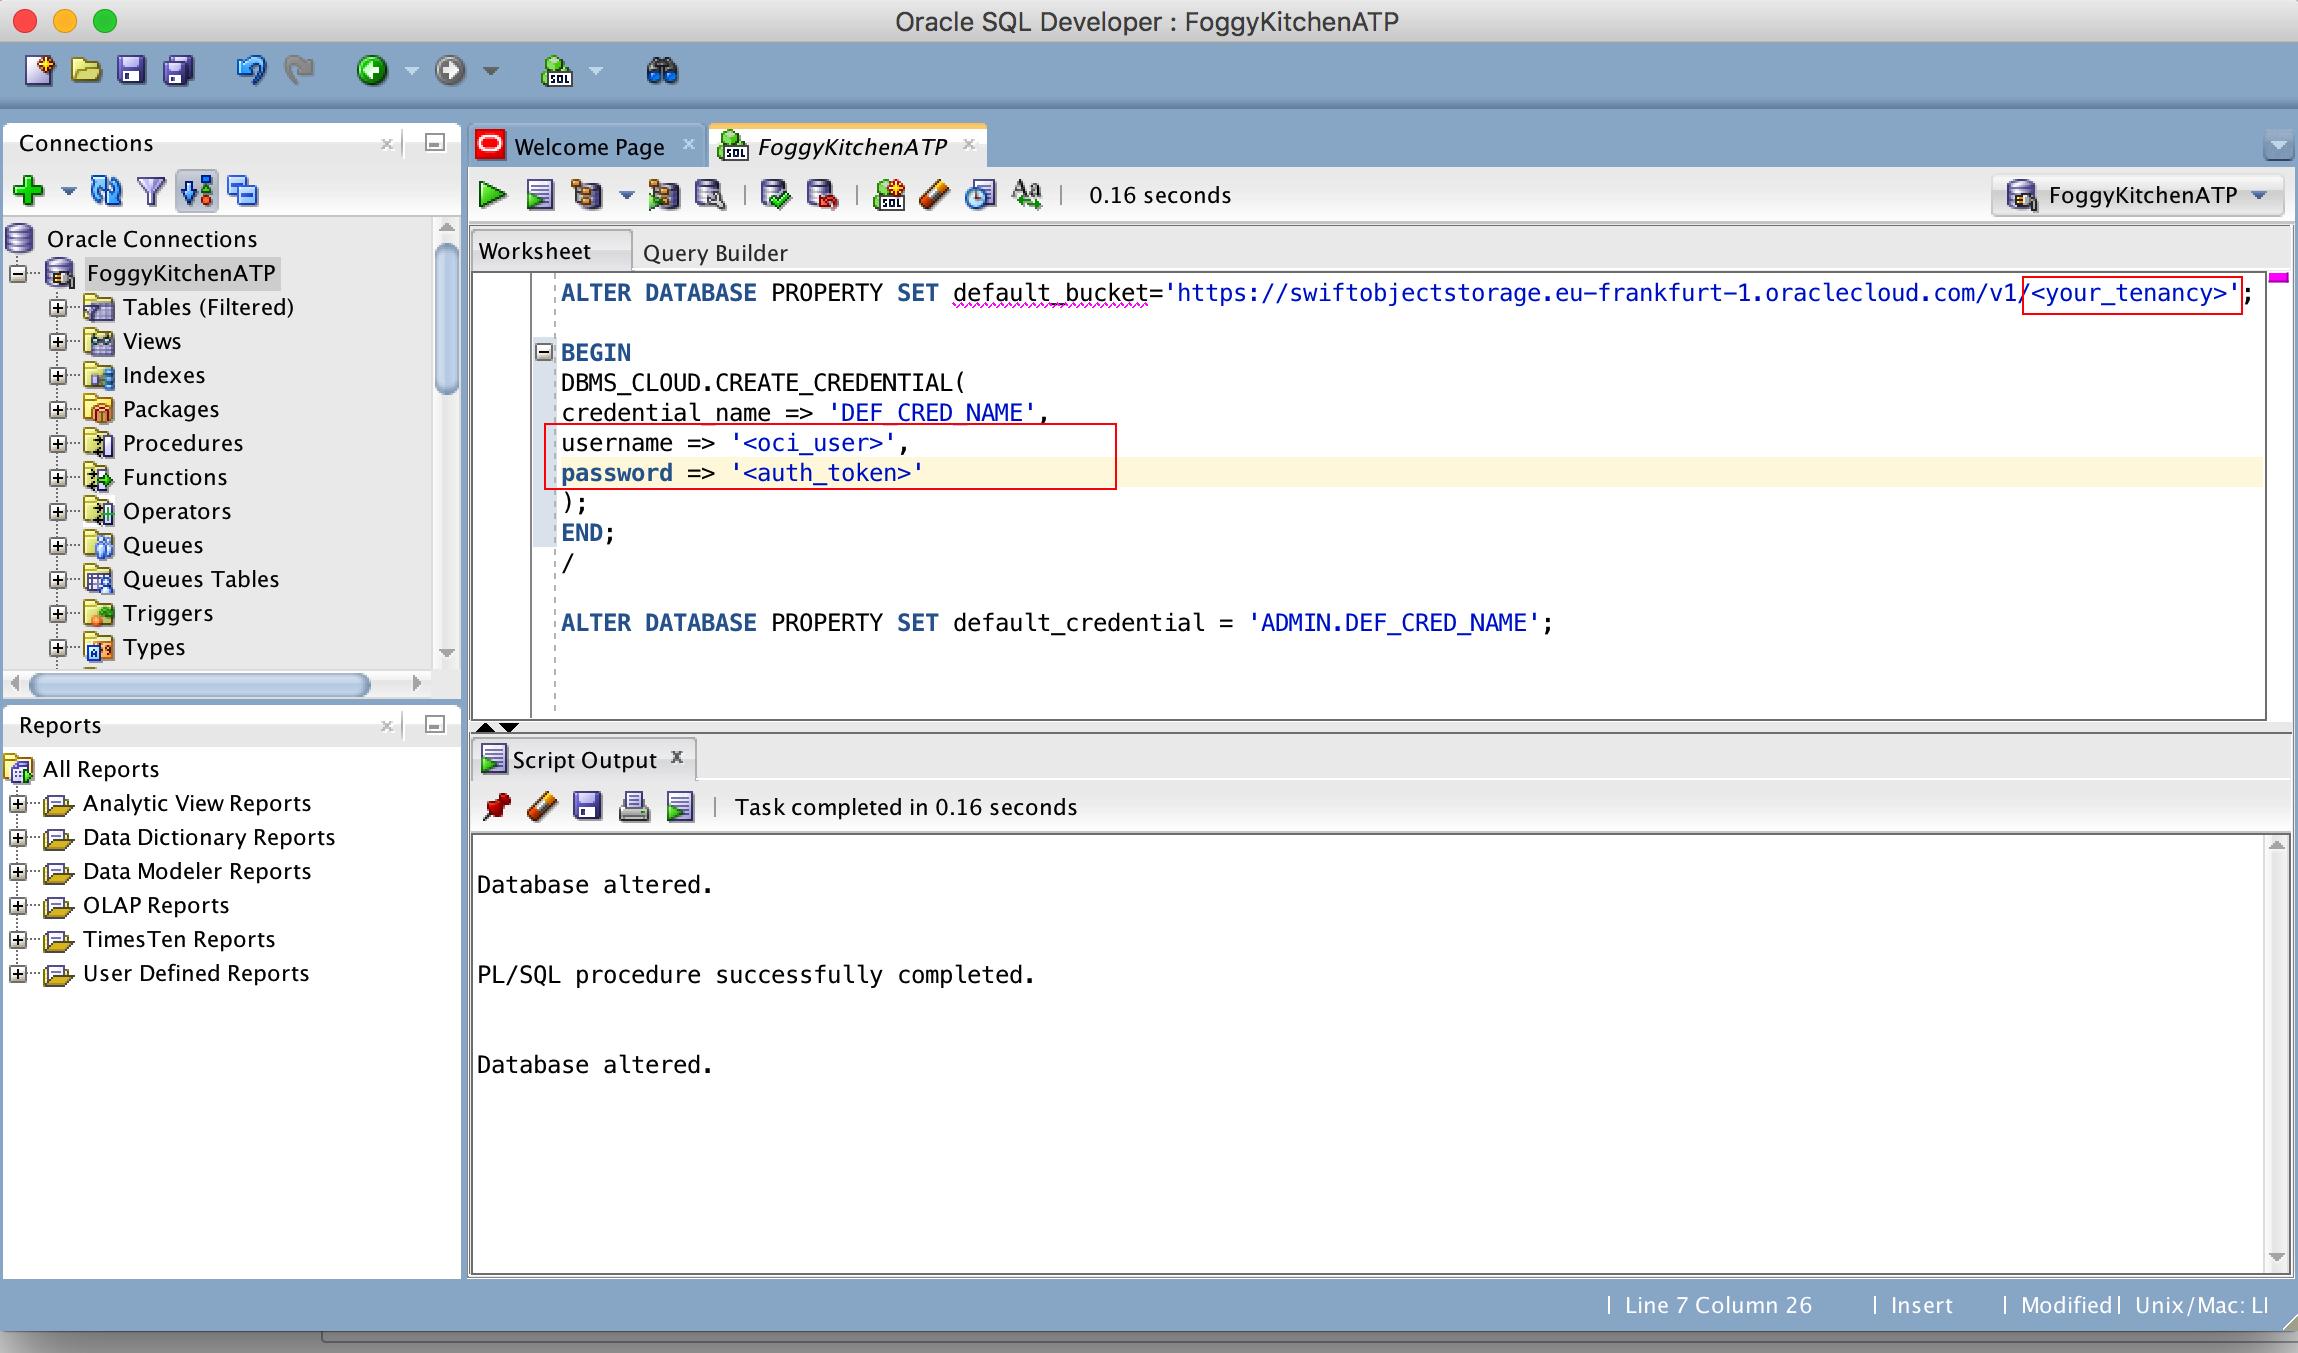 SQLDeveloper_backup_config